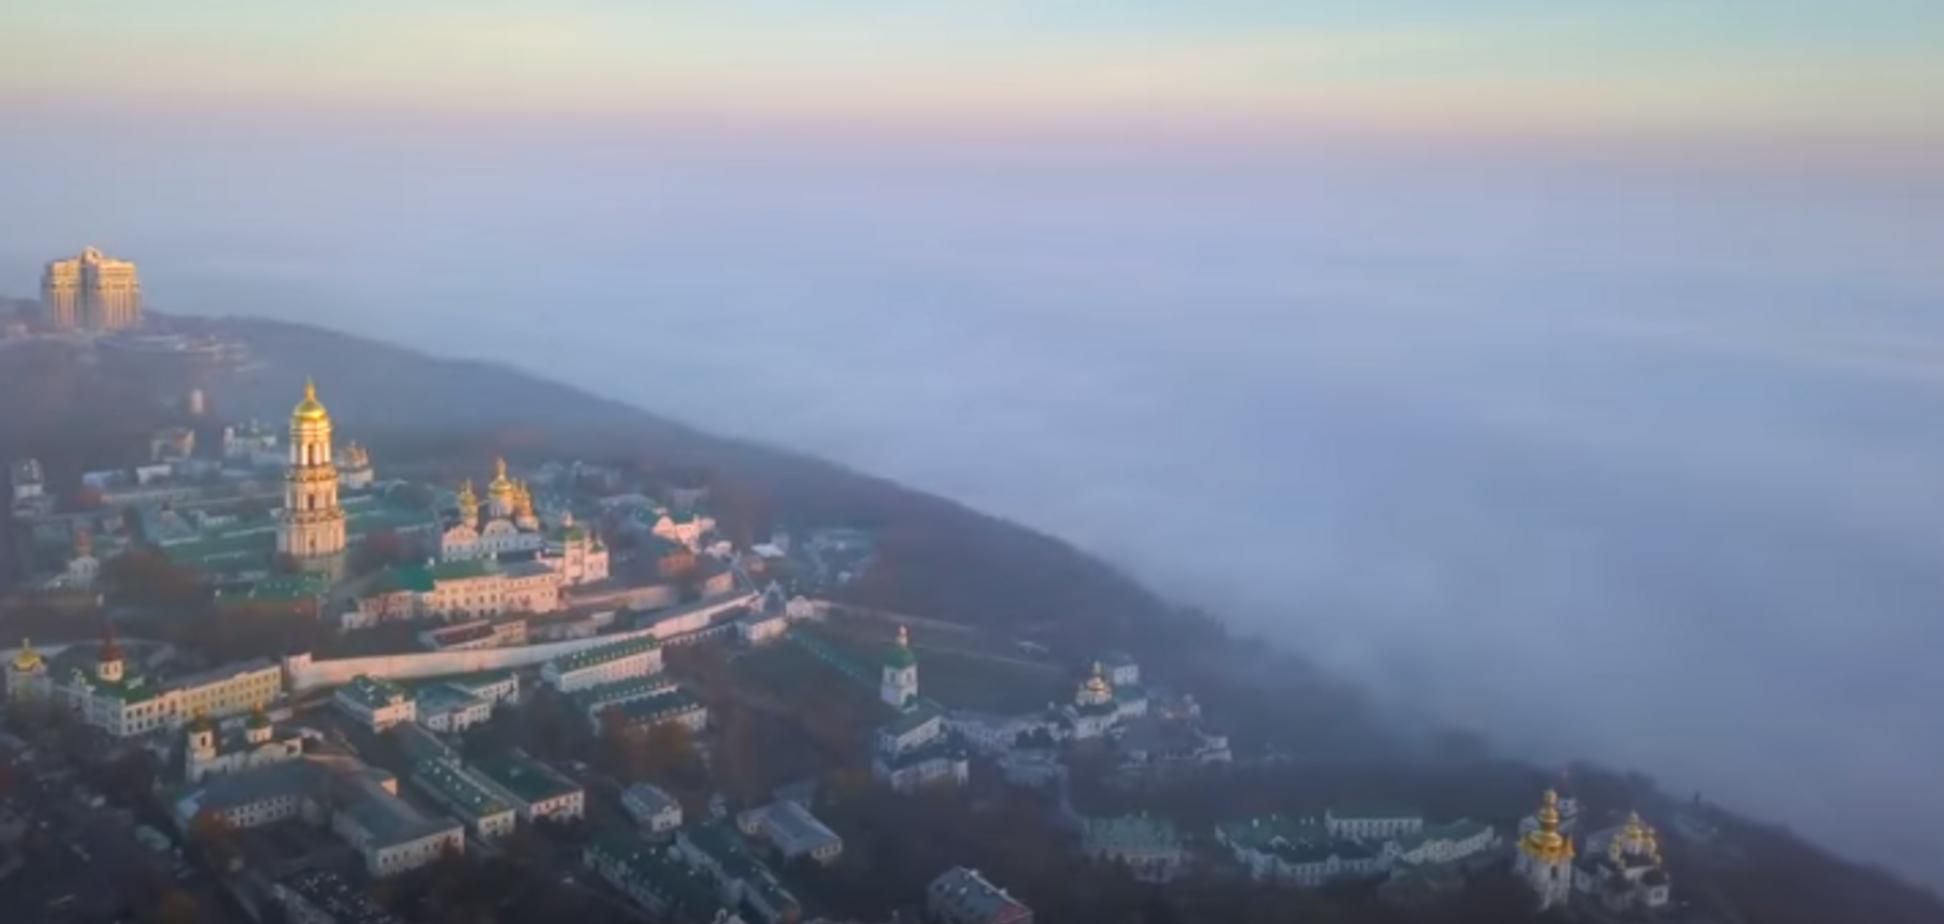 У мережі з'явилося відео Києва з висоти пташиного польоту